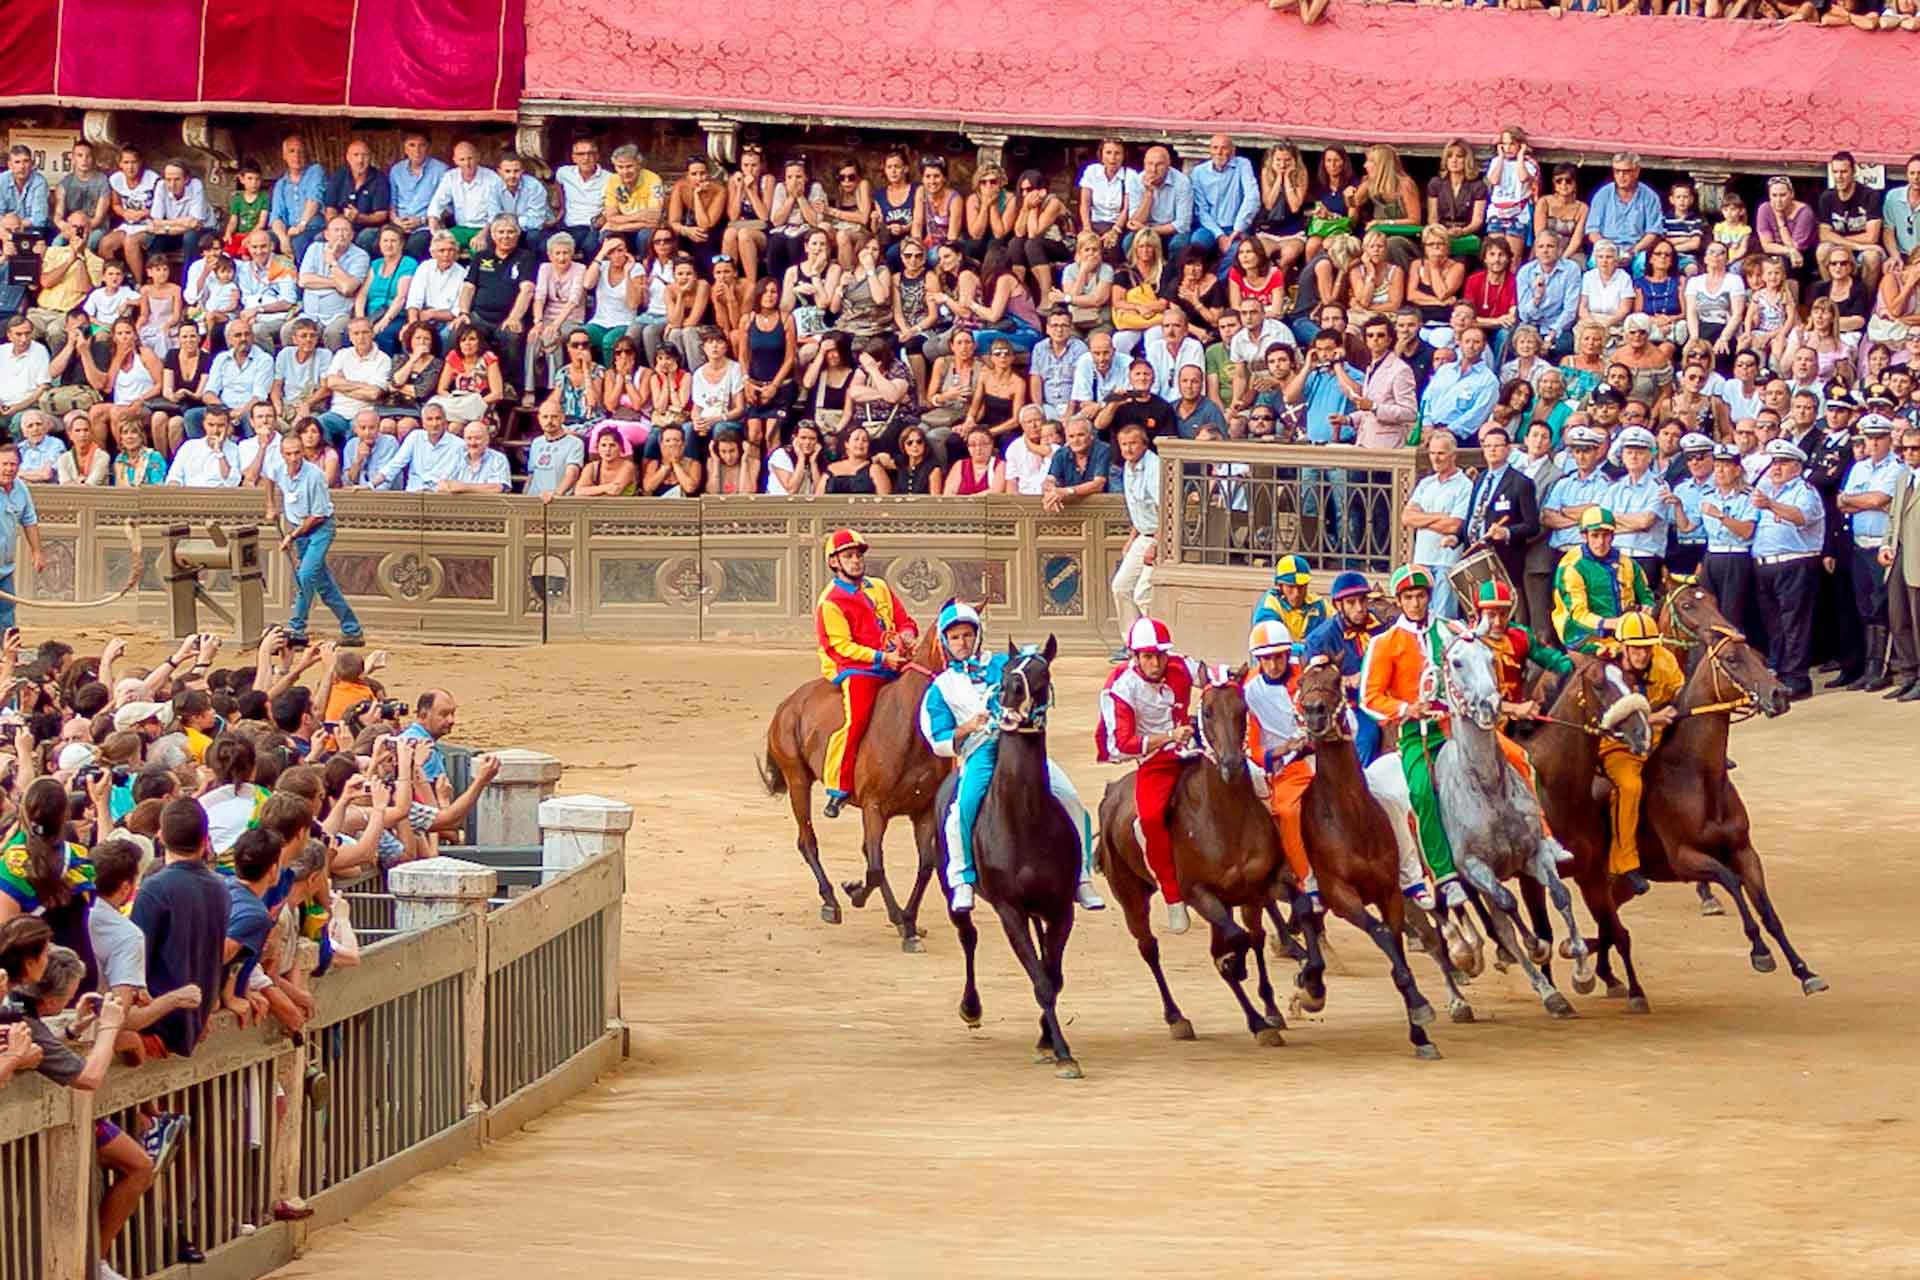 LE PREMIER TEST - Les tests se d?roulent selon les m?mes r?gles et proc?dures que le Palio. Cependant, ce n'est pas une vraie course, car le r?sultat n'a aucune valeur: le but est de permettre aux chevaux et jockeys de s'adapter ? la piste et ? la situation au vu du Palio.